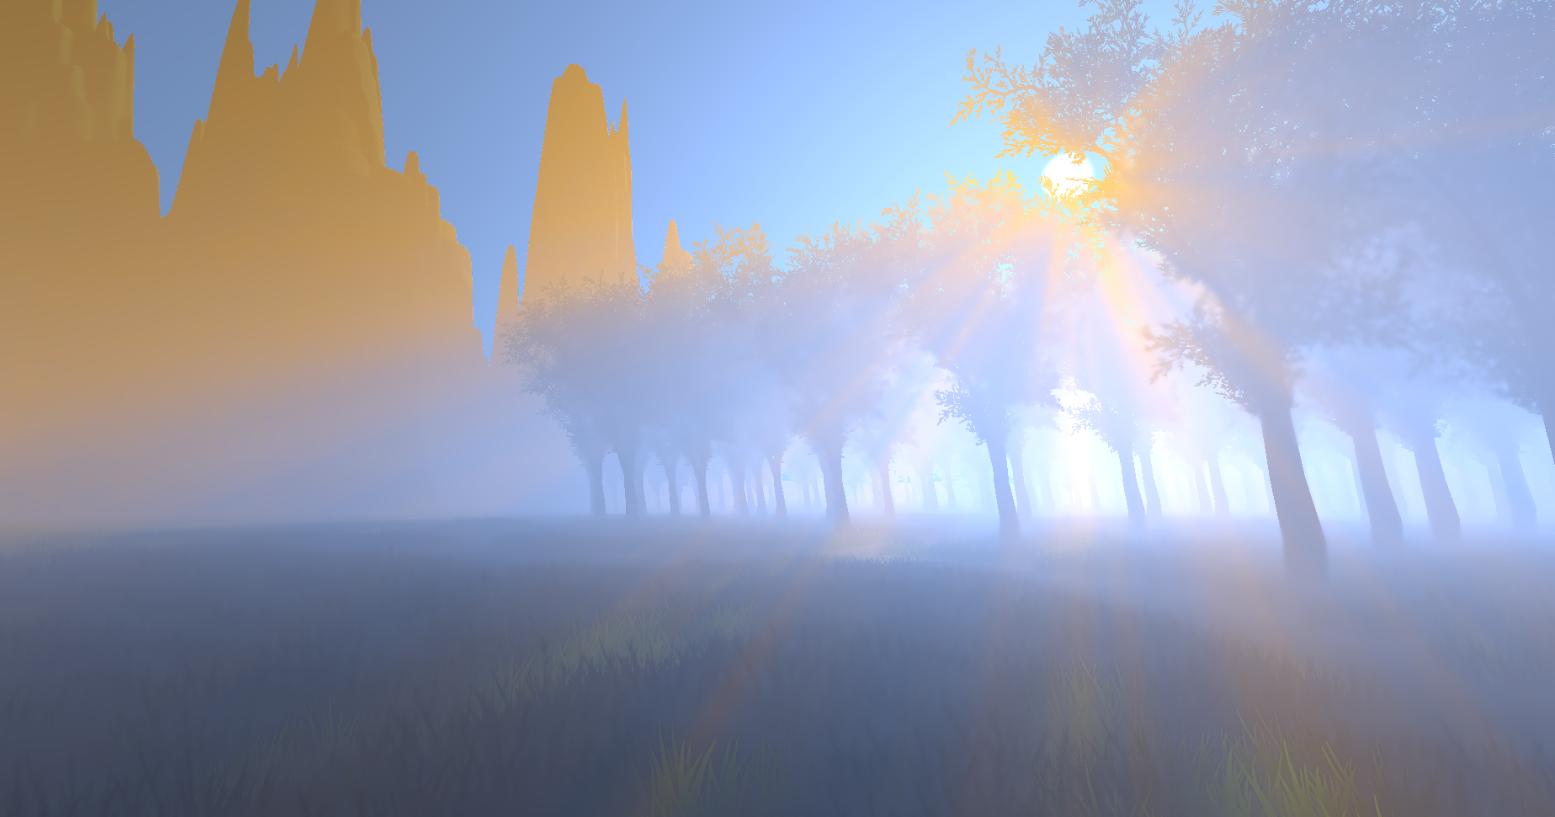 Fog result image 1